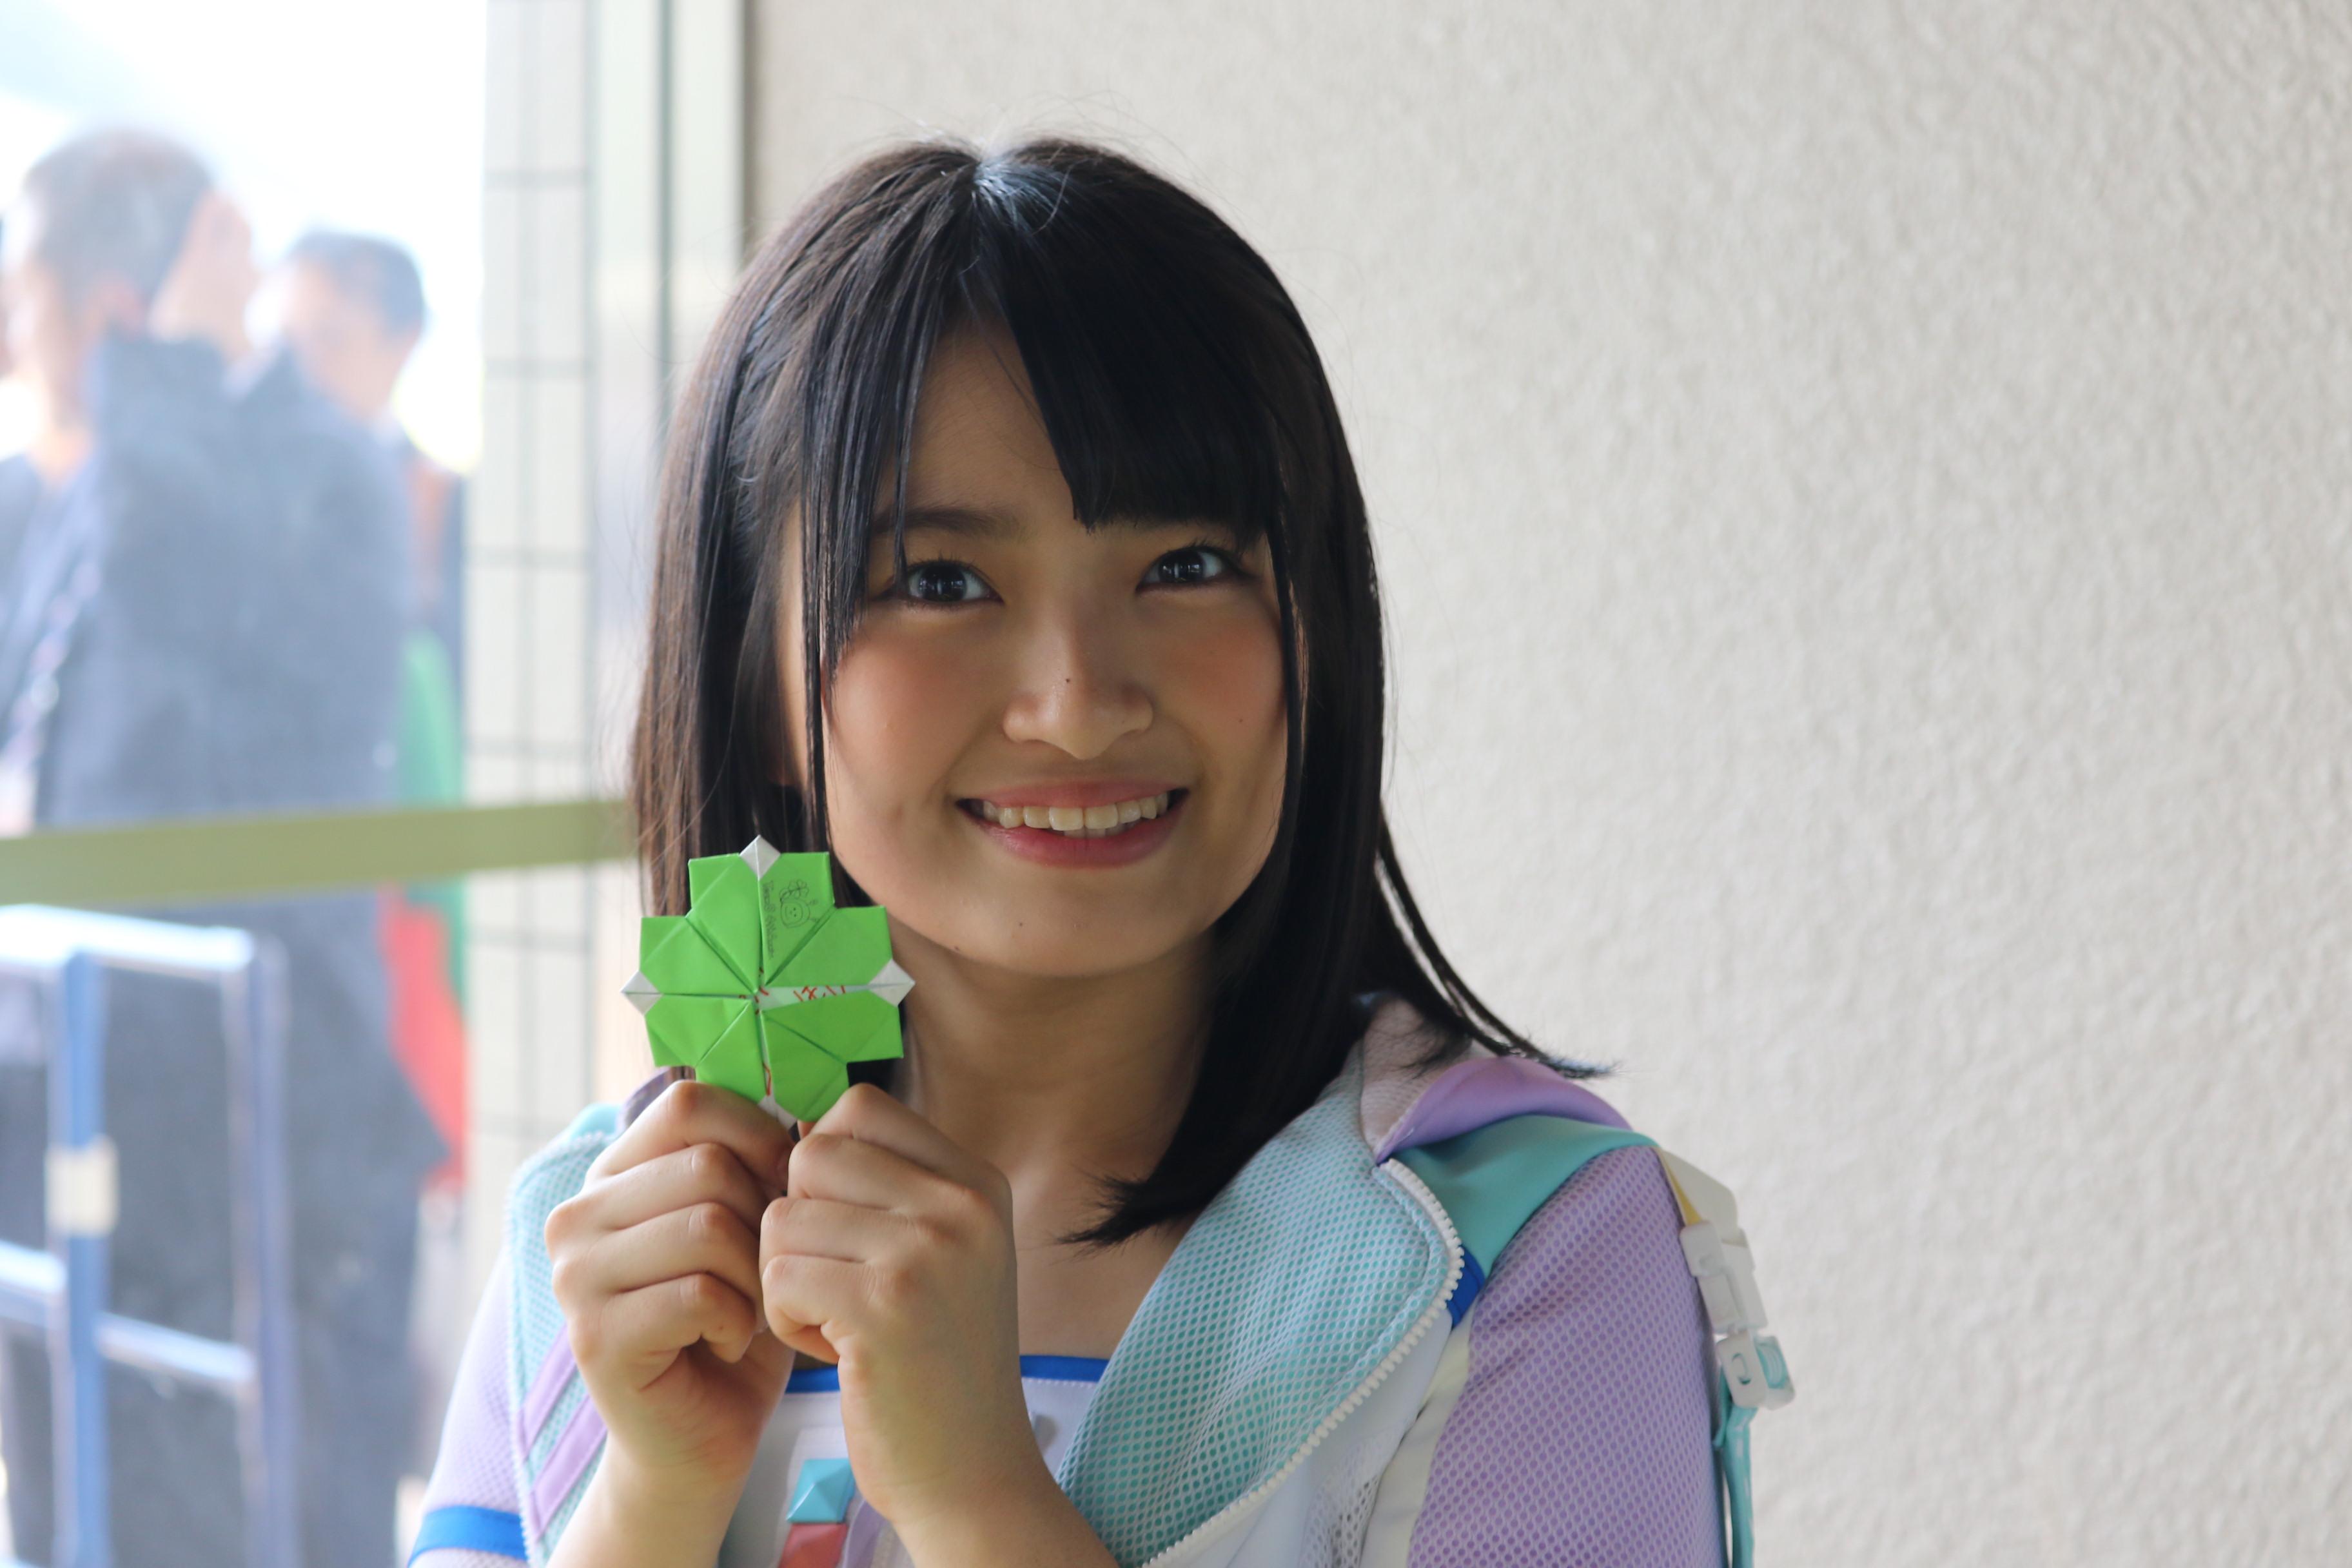 「チーム8結成4周年記念祭 in 日本ガイシホール しあわせのエイト祭り」昼公演でクローバーを配布する下青木(2018年4月)